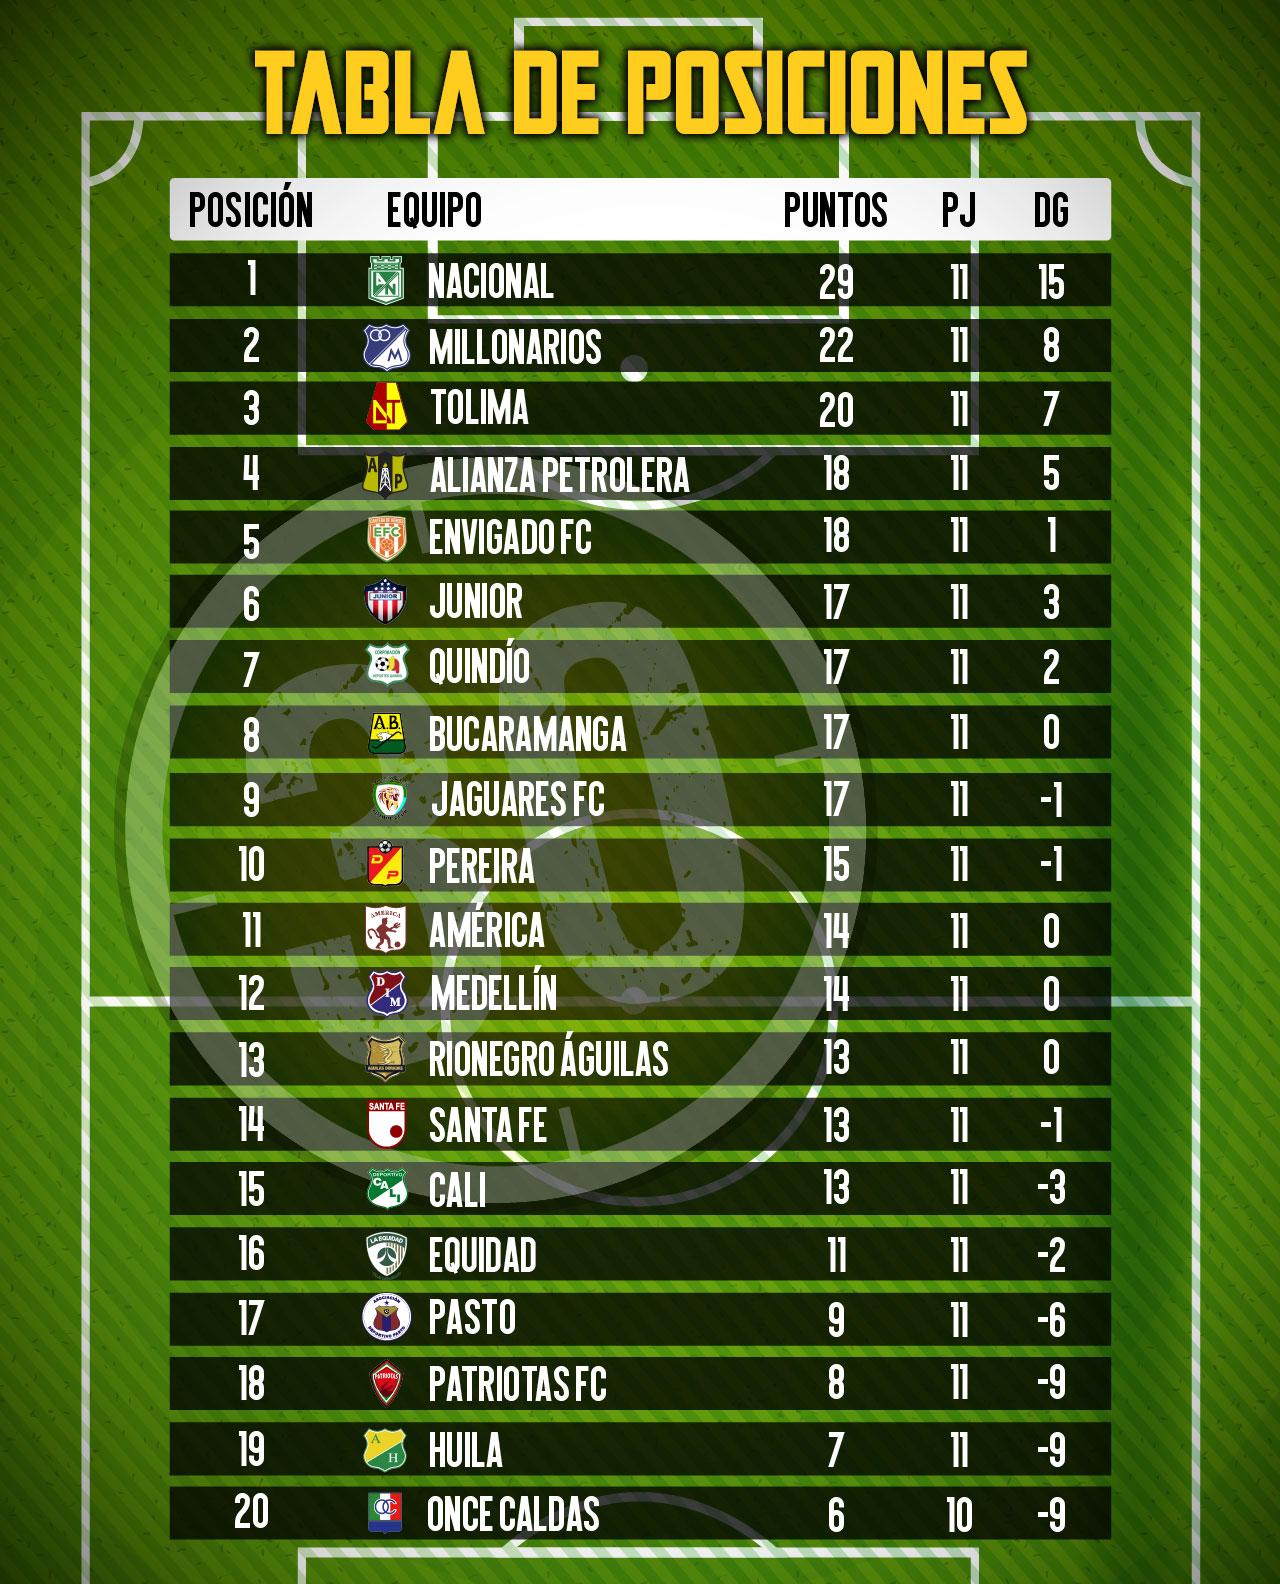 tabla de posiciones 6